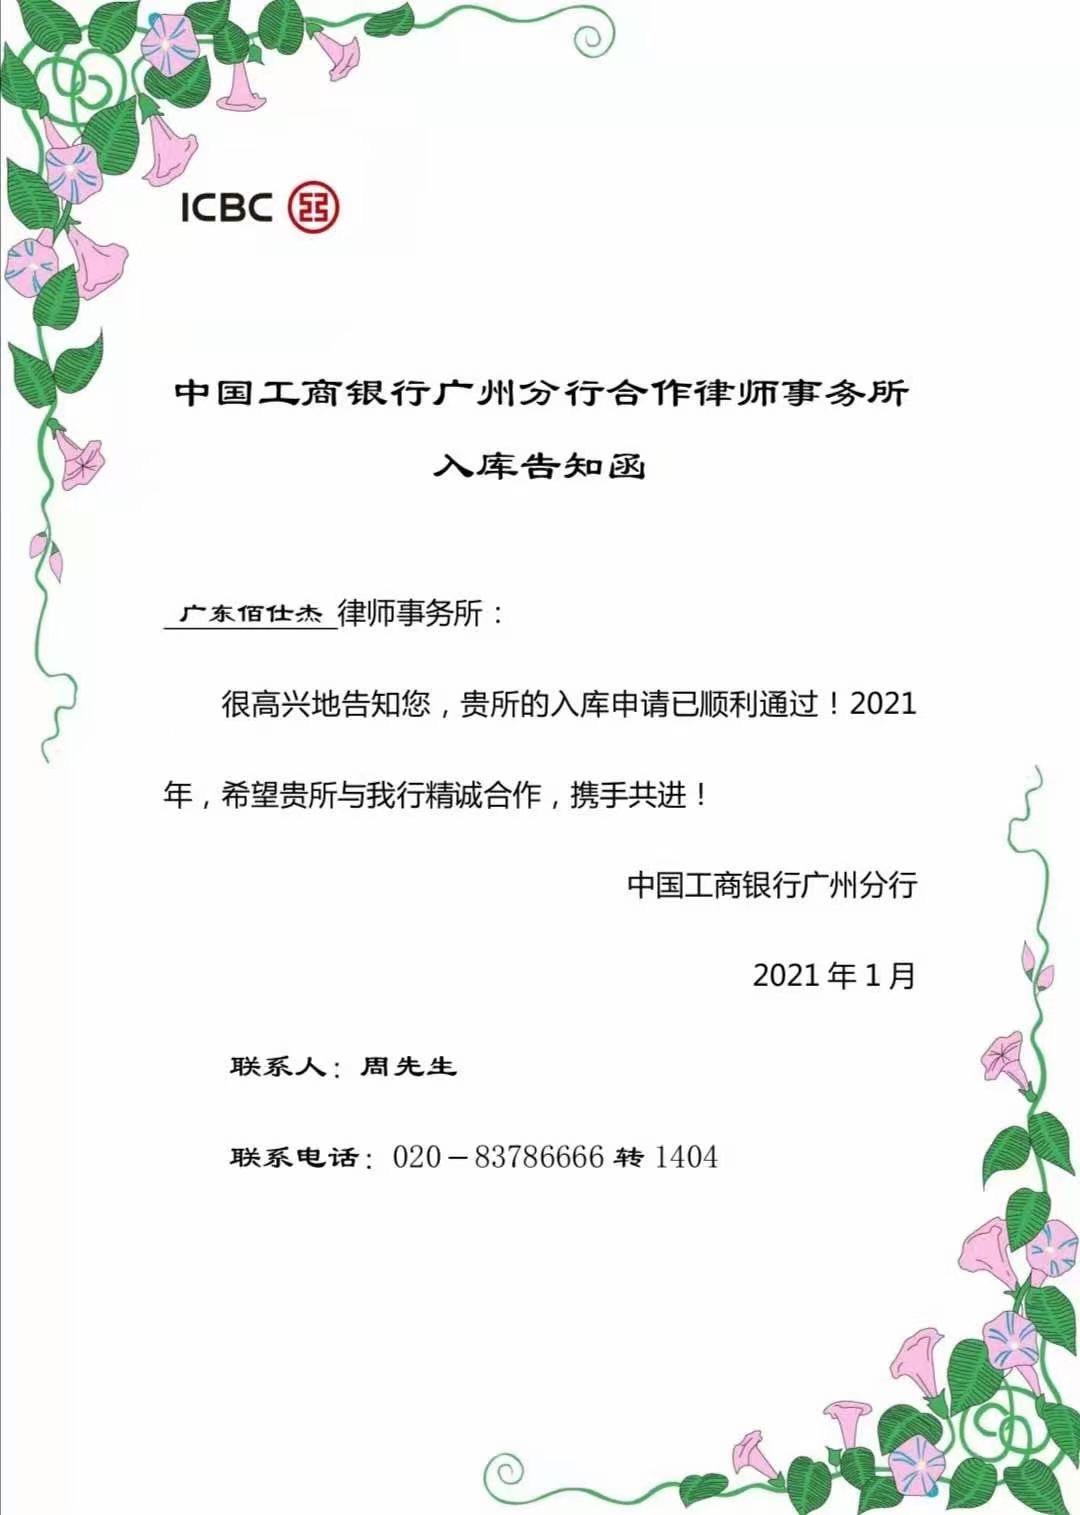 广东佰仕杰律师事务所入库通知书